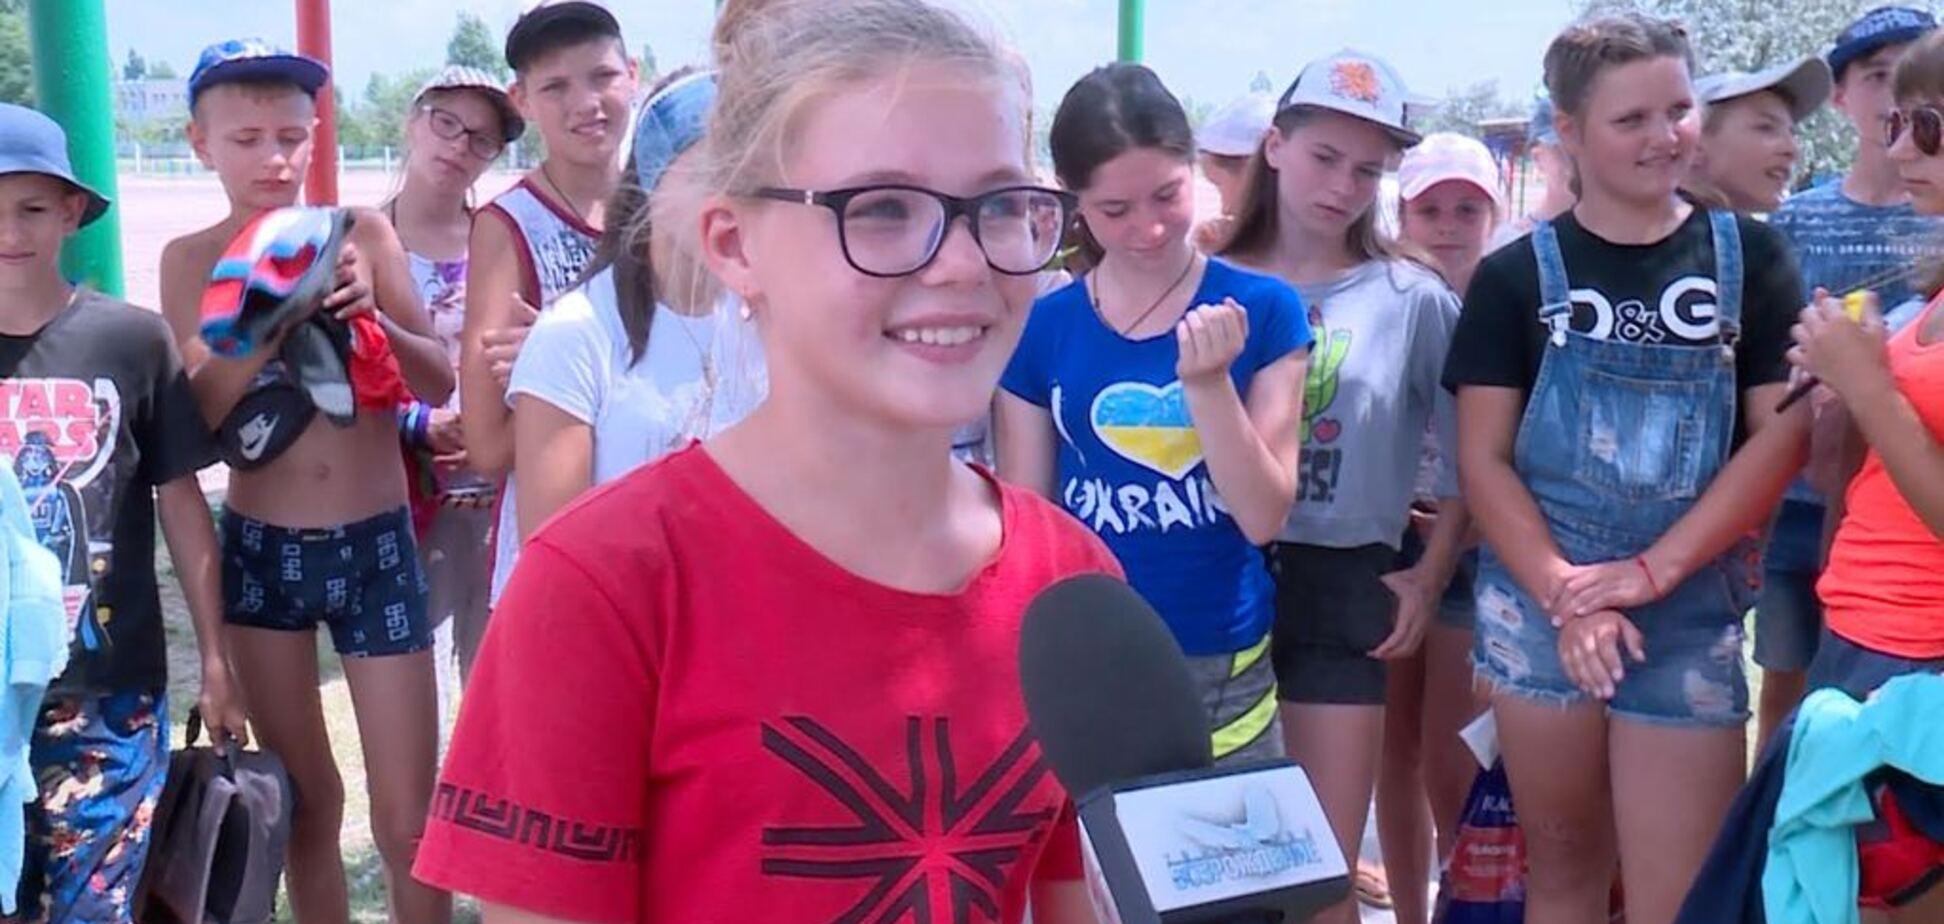 Фонд Володимира Мунтяна допоміг в організації відпочинку майже 3000 дітей з Кривого Рогу